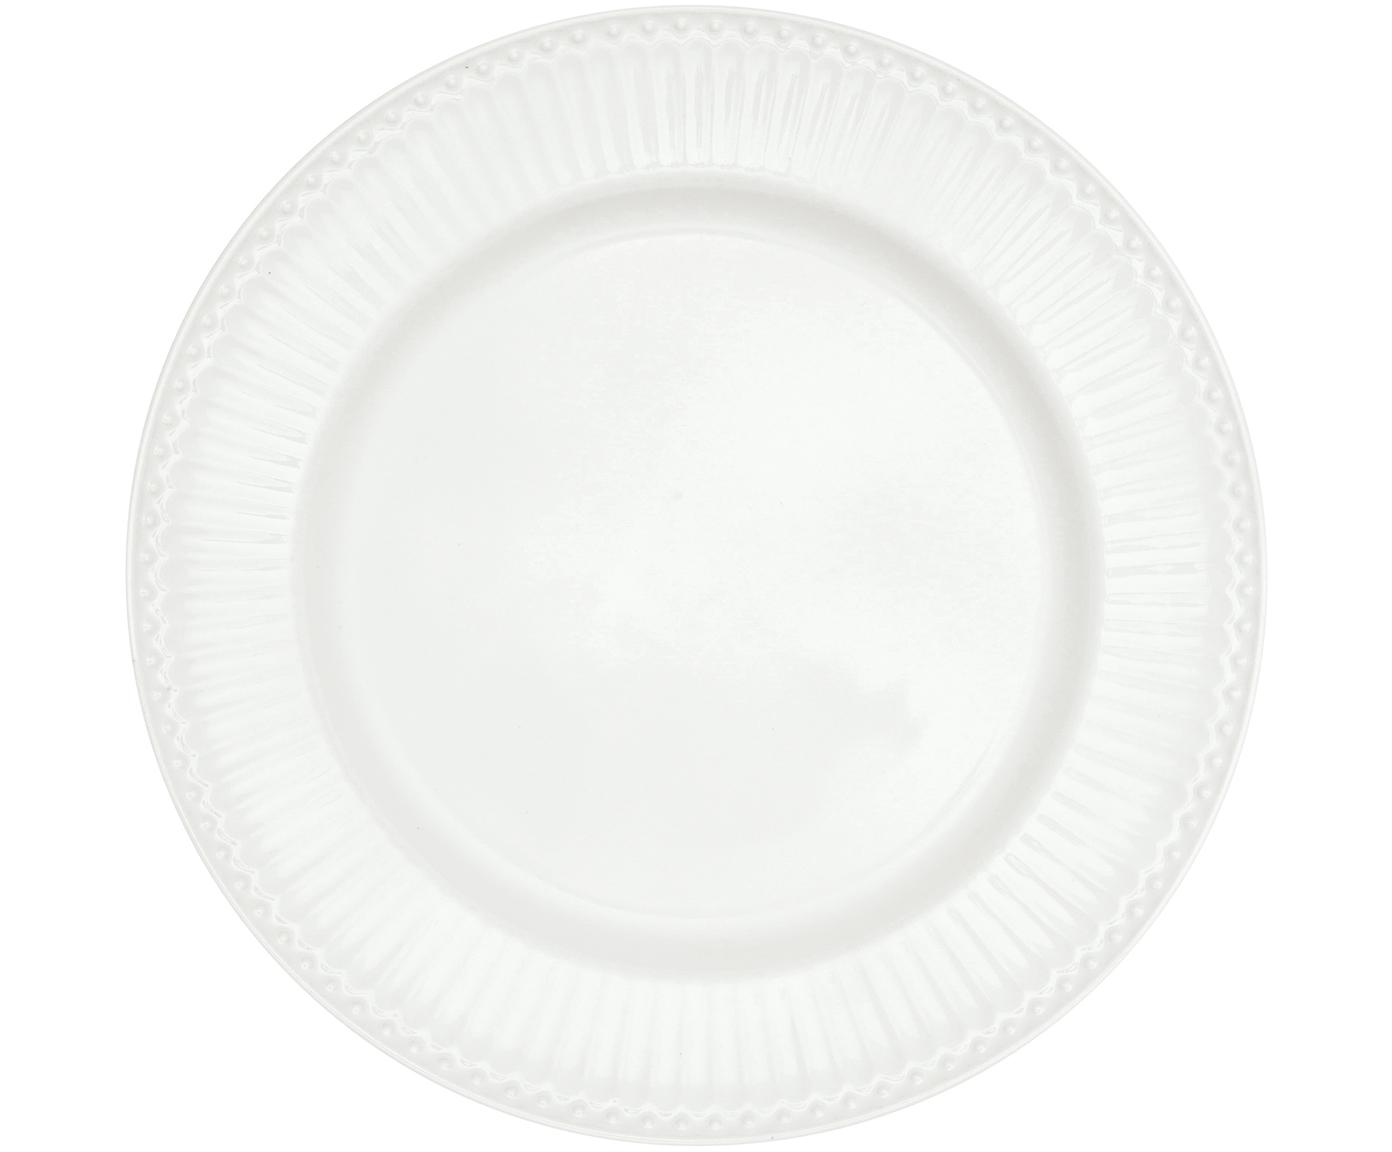 Speiseteller Alice in Weiß mit Reliefdesign, 2 Stück, Porzellan, Weiß, Ø 27 cm